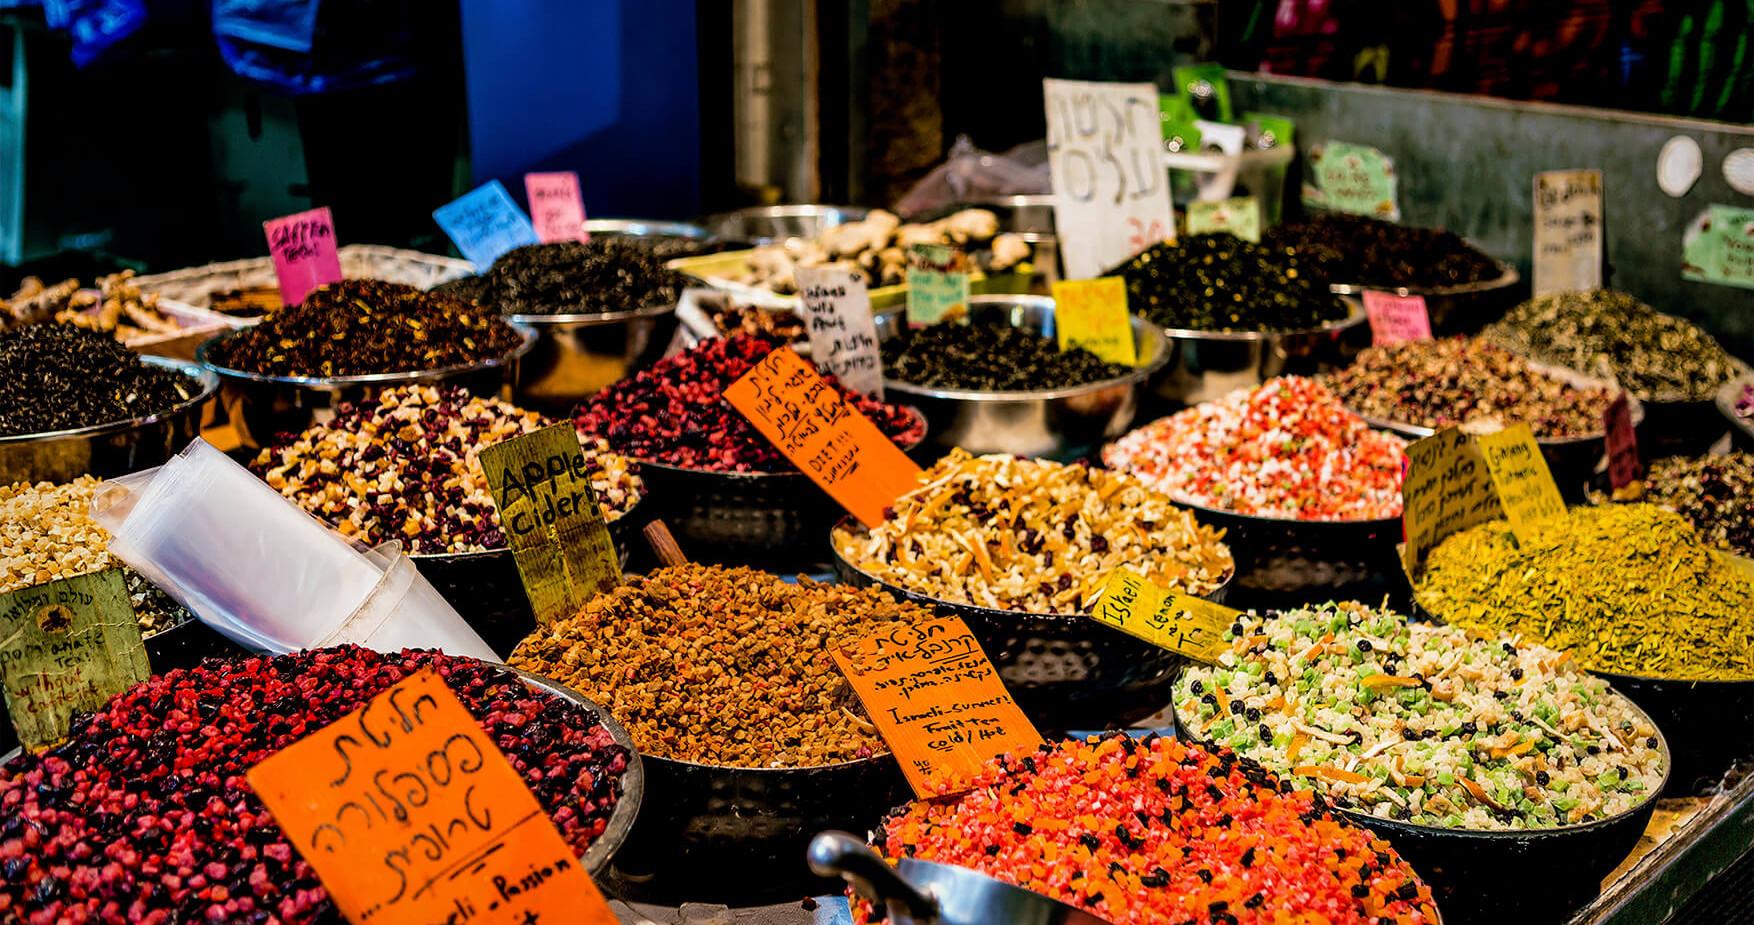 Mercado de las especias.jpg